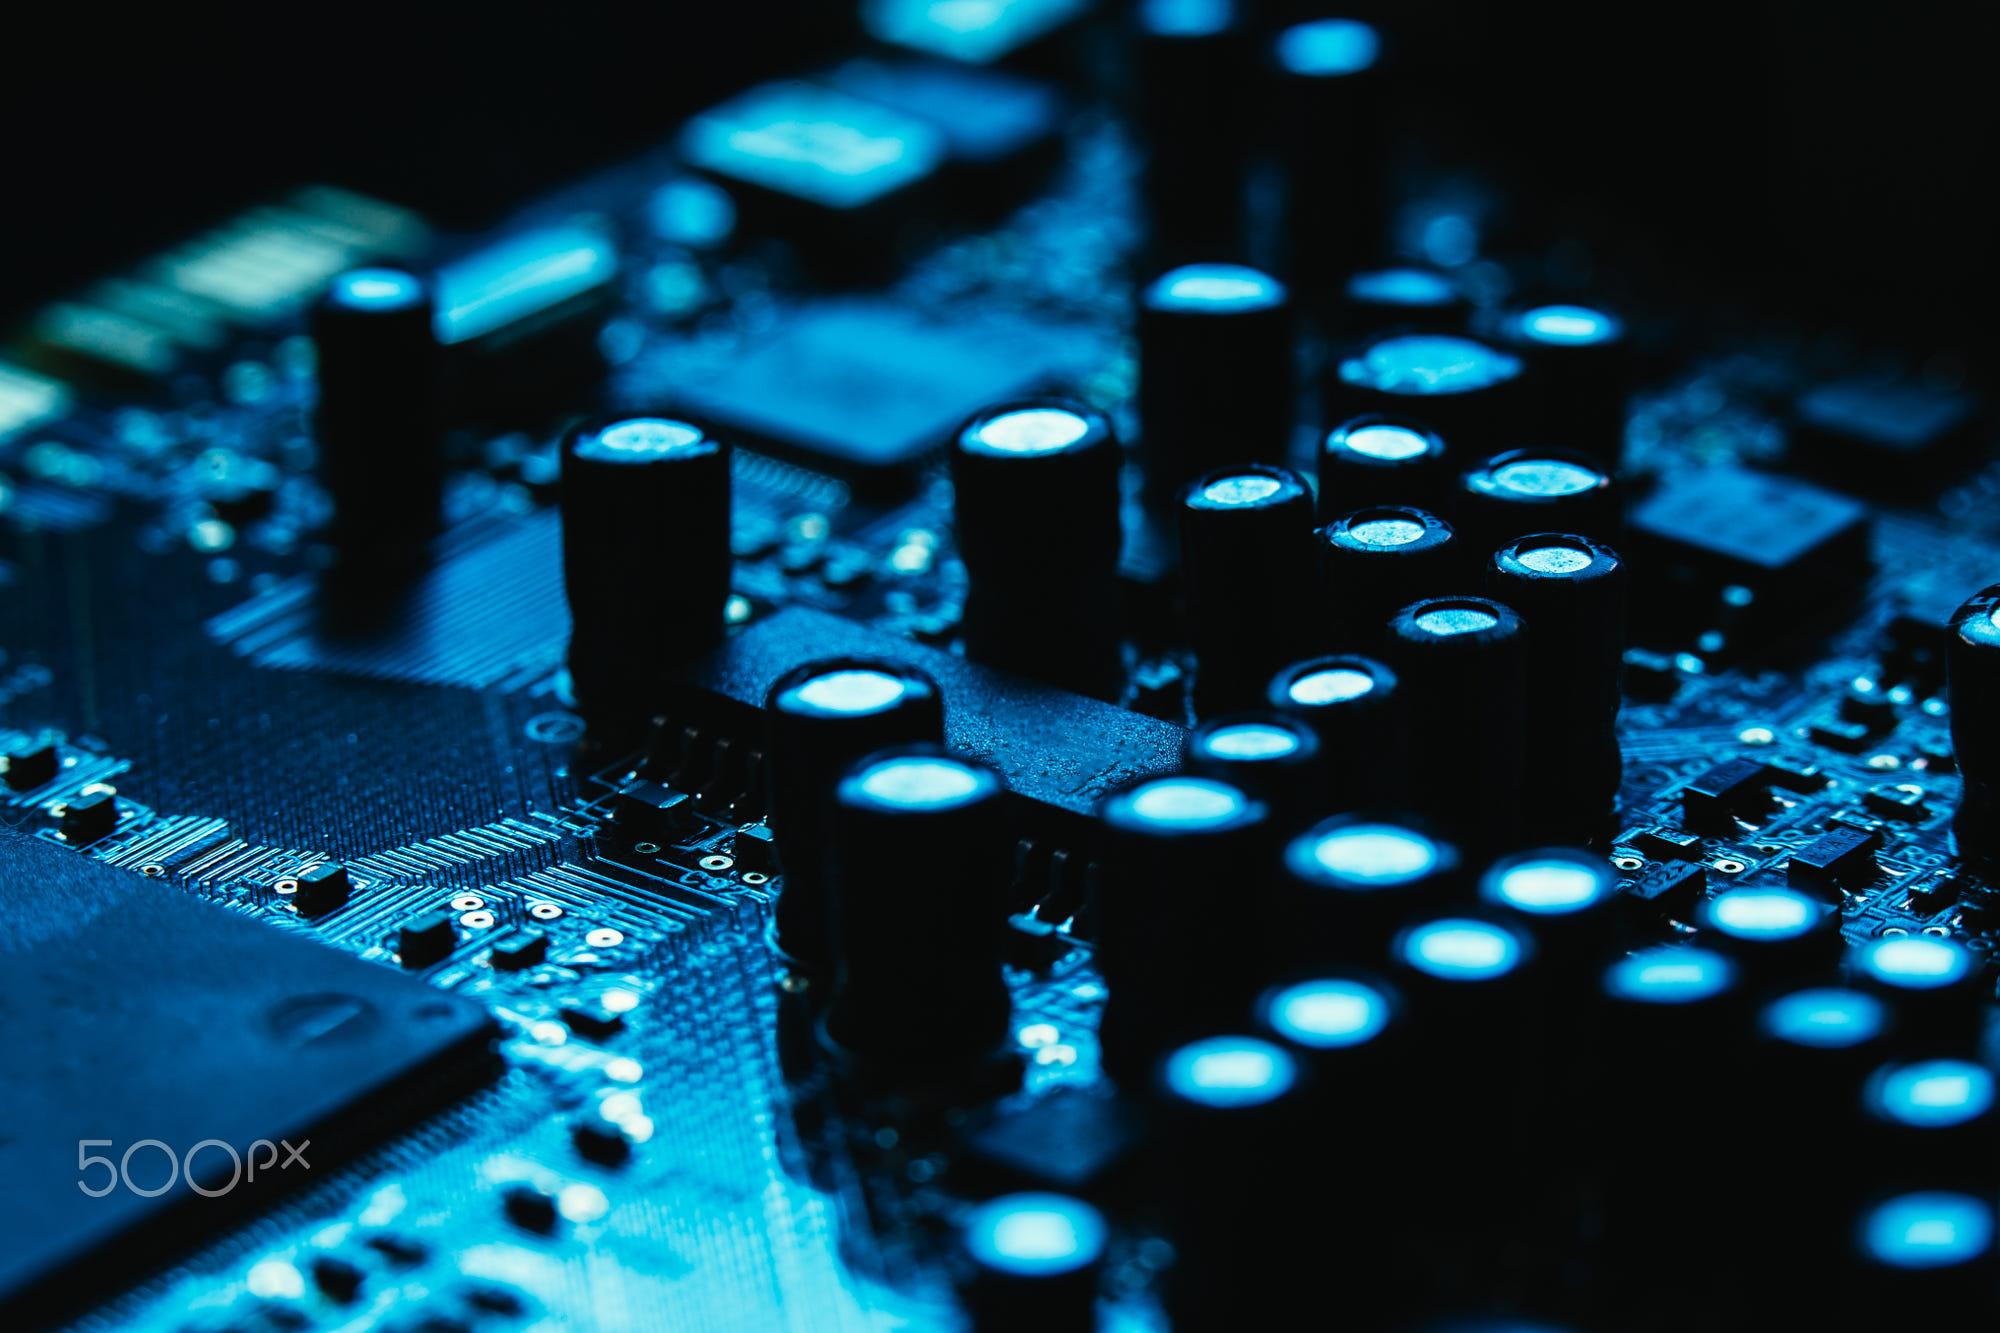 شناخت قطعات الکترونیک